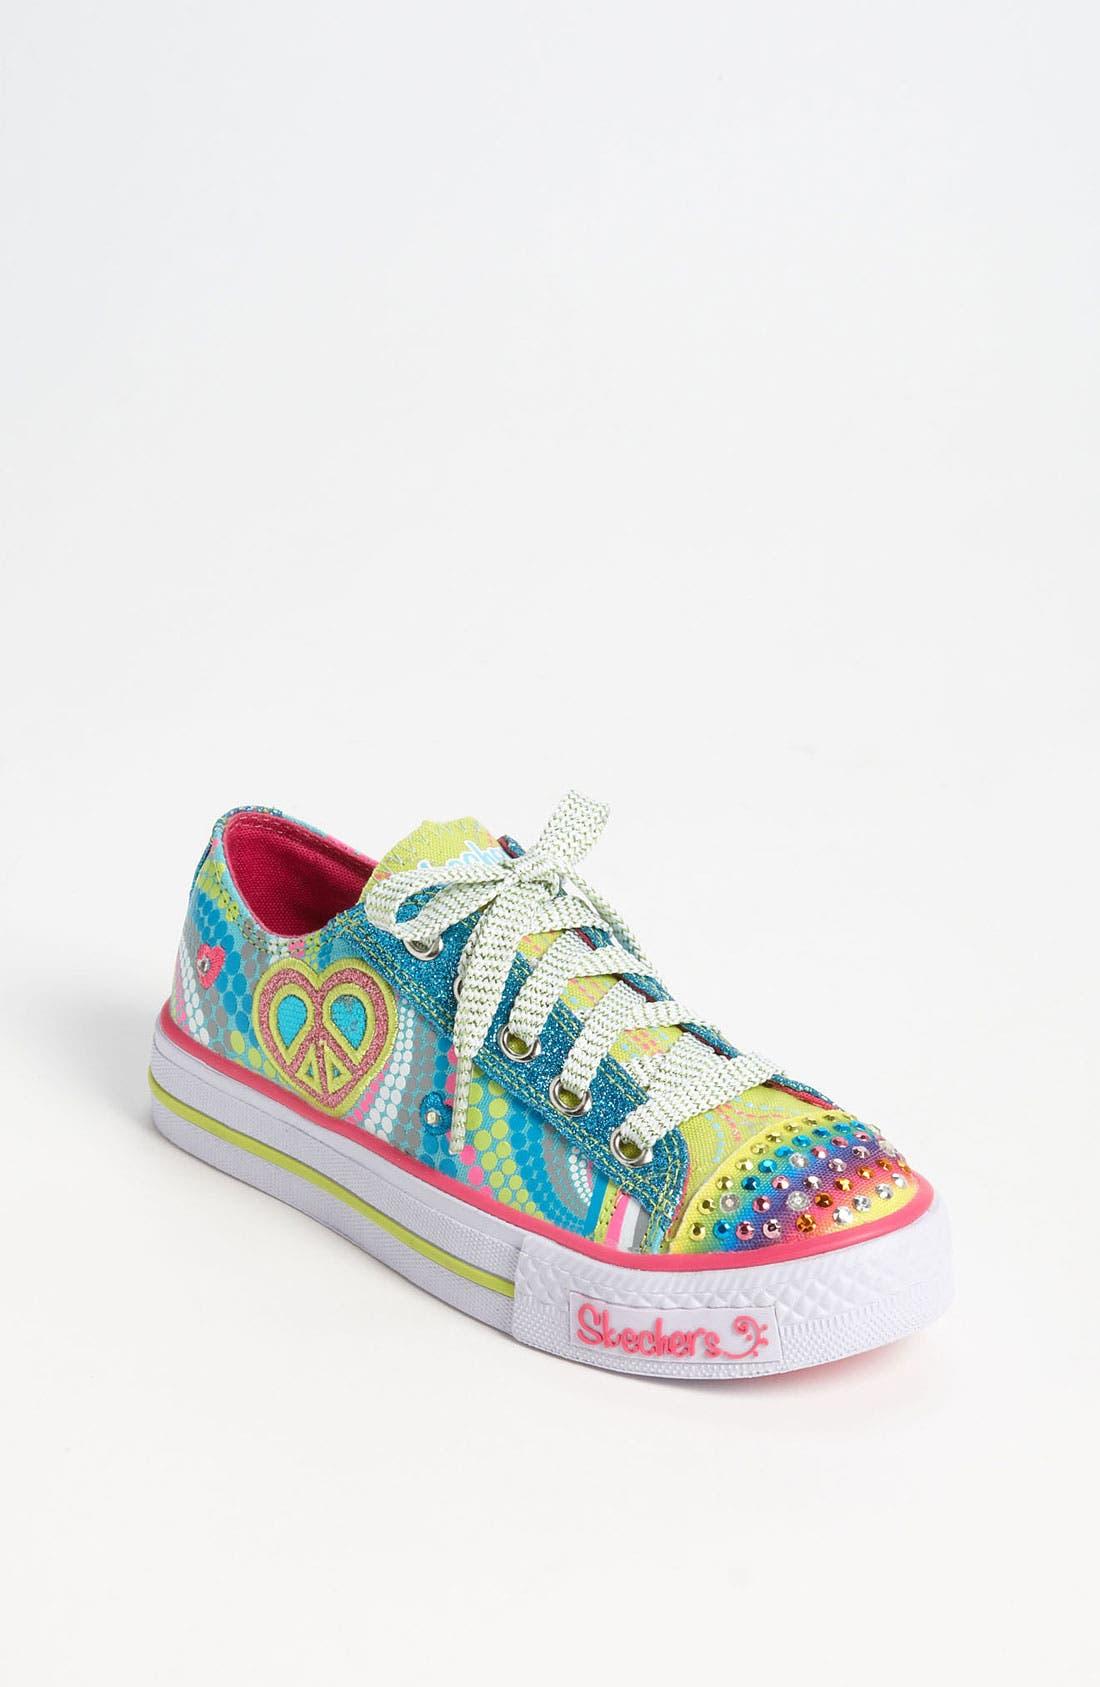 Alternate Image 1 Selected - SKECHERS 'Shuffles - Lights Heart Sparks' Sneaker (Toddler & Little Kid)